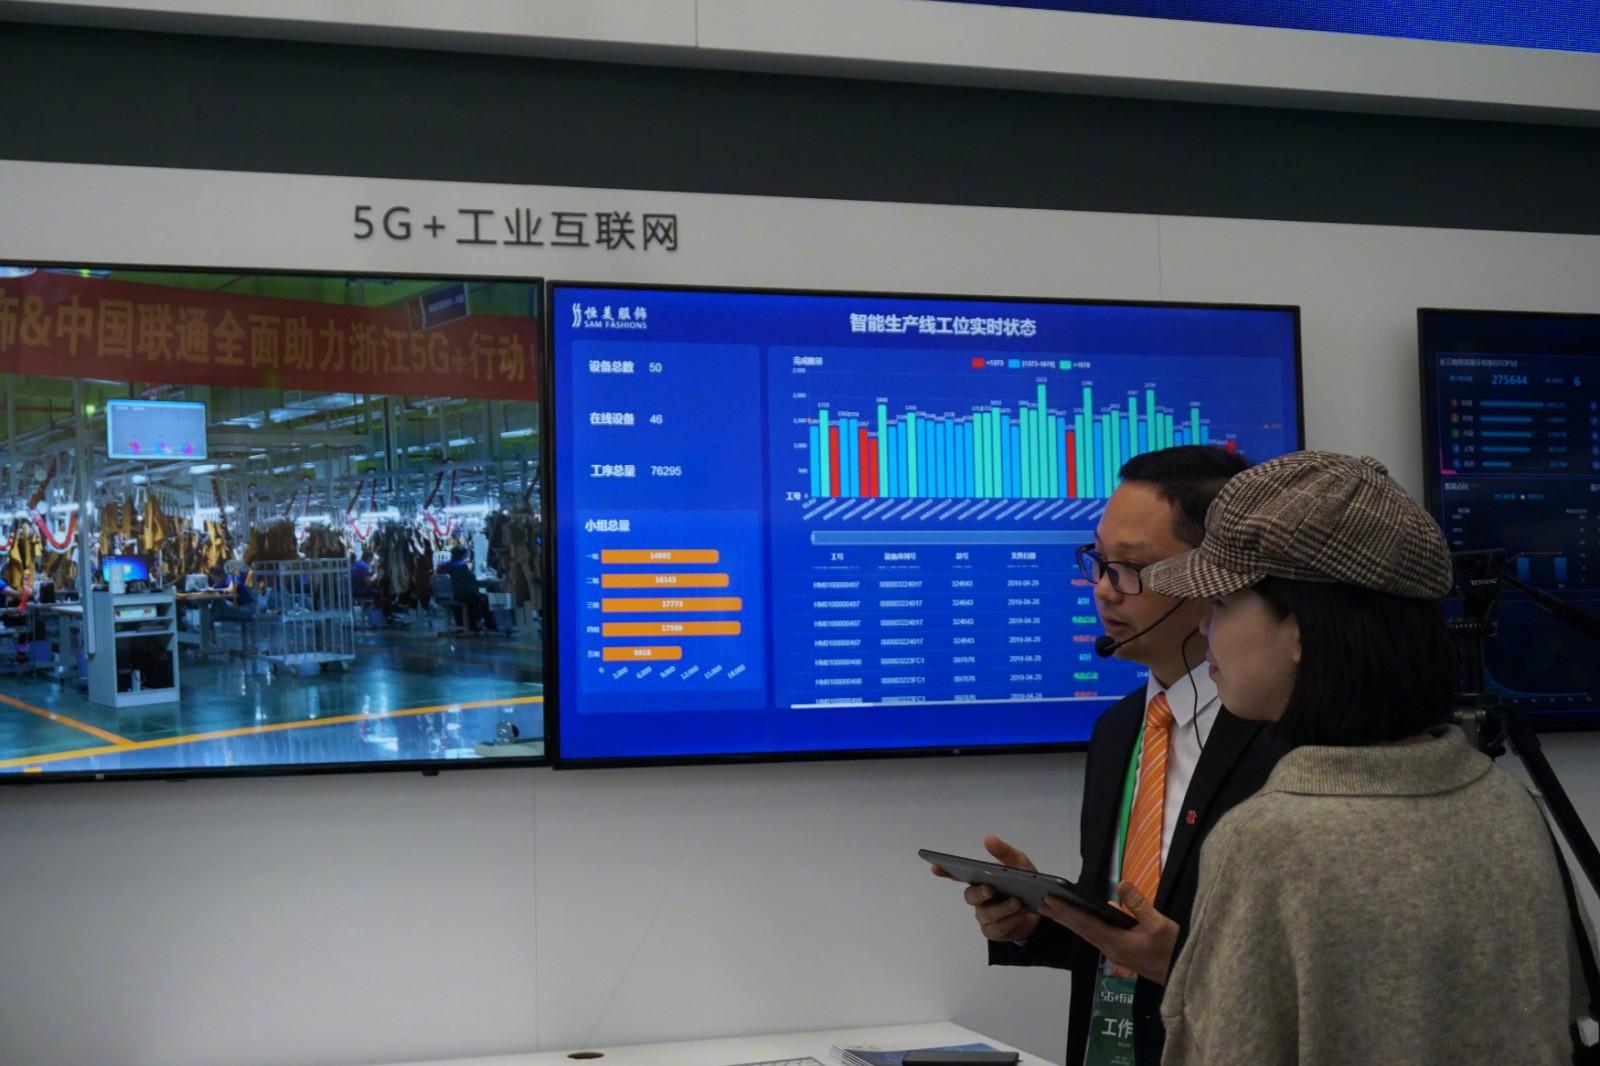 八大5G行业应用场景,英迈思·解决方案为您解析,拥抱5G时代